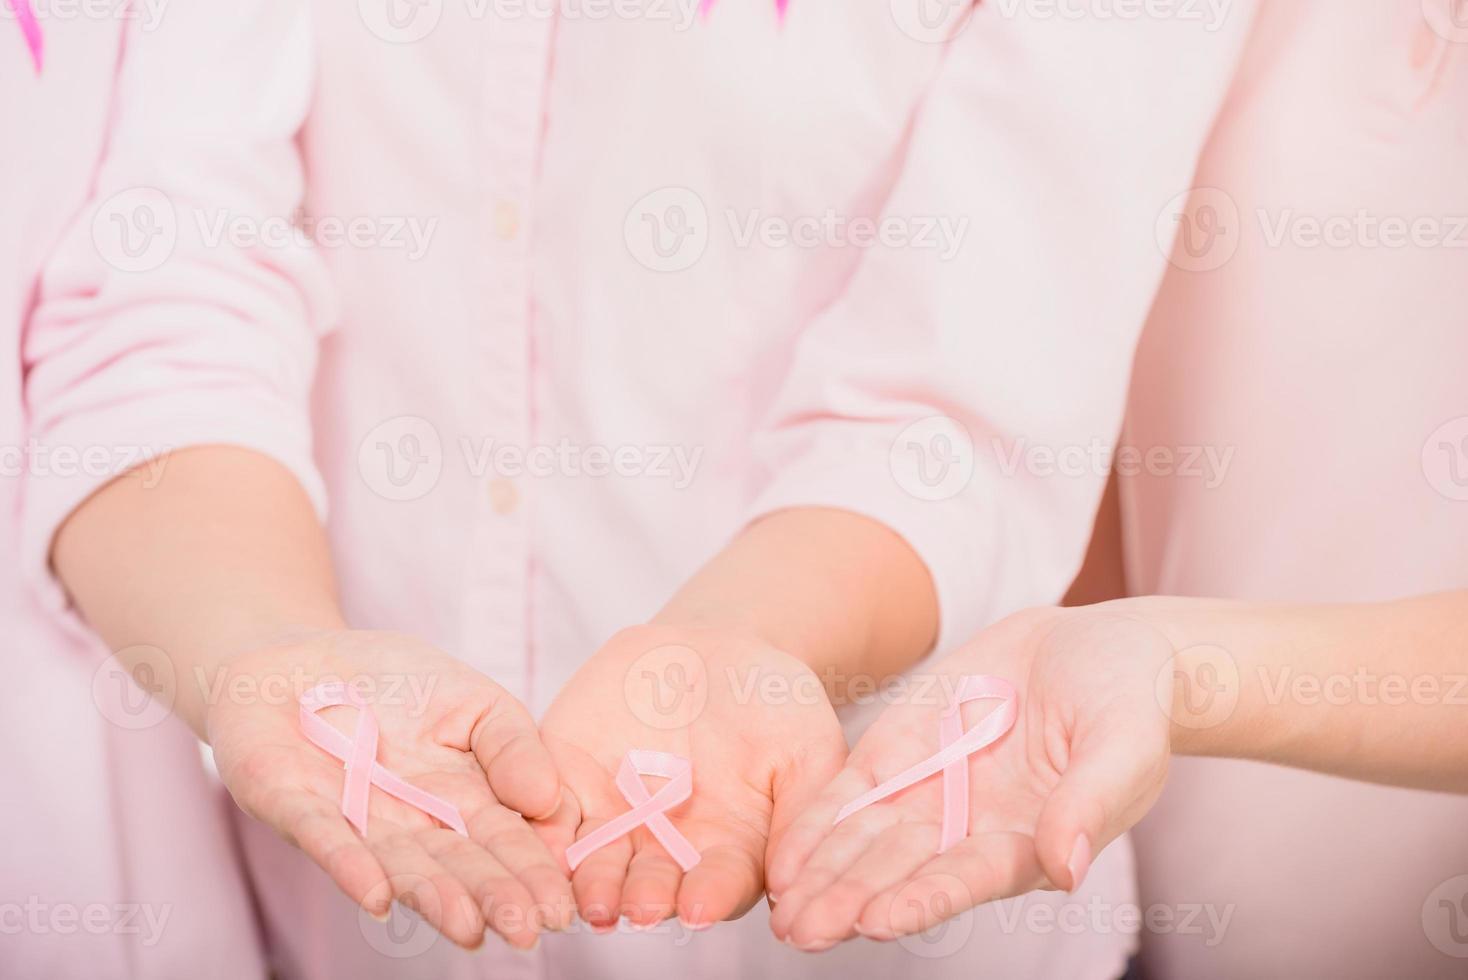 cancro al seno foto